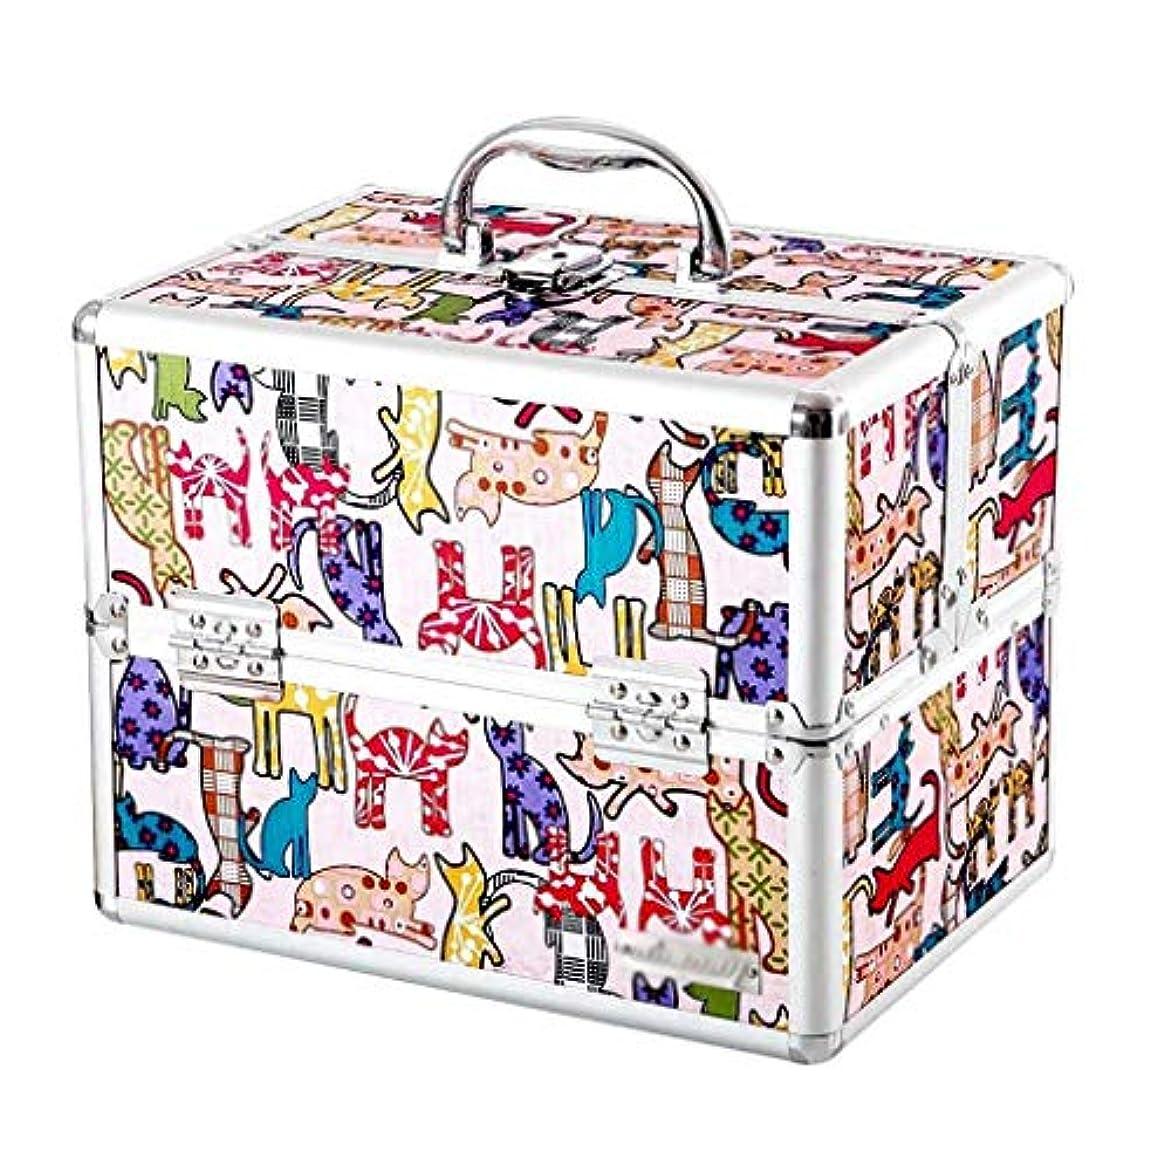 頑張る臭い新しさYxsd 応急処置キット ロックとコンパートメント付き医療ボックス、応急処置ボックス緊急医療キャビネットケース、漫画多層応急処置キット収納ボックス (Color : Light pink)